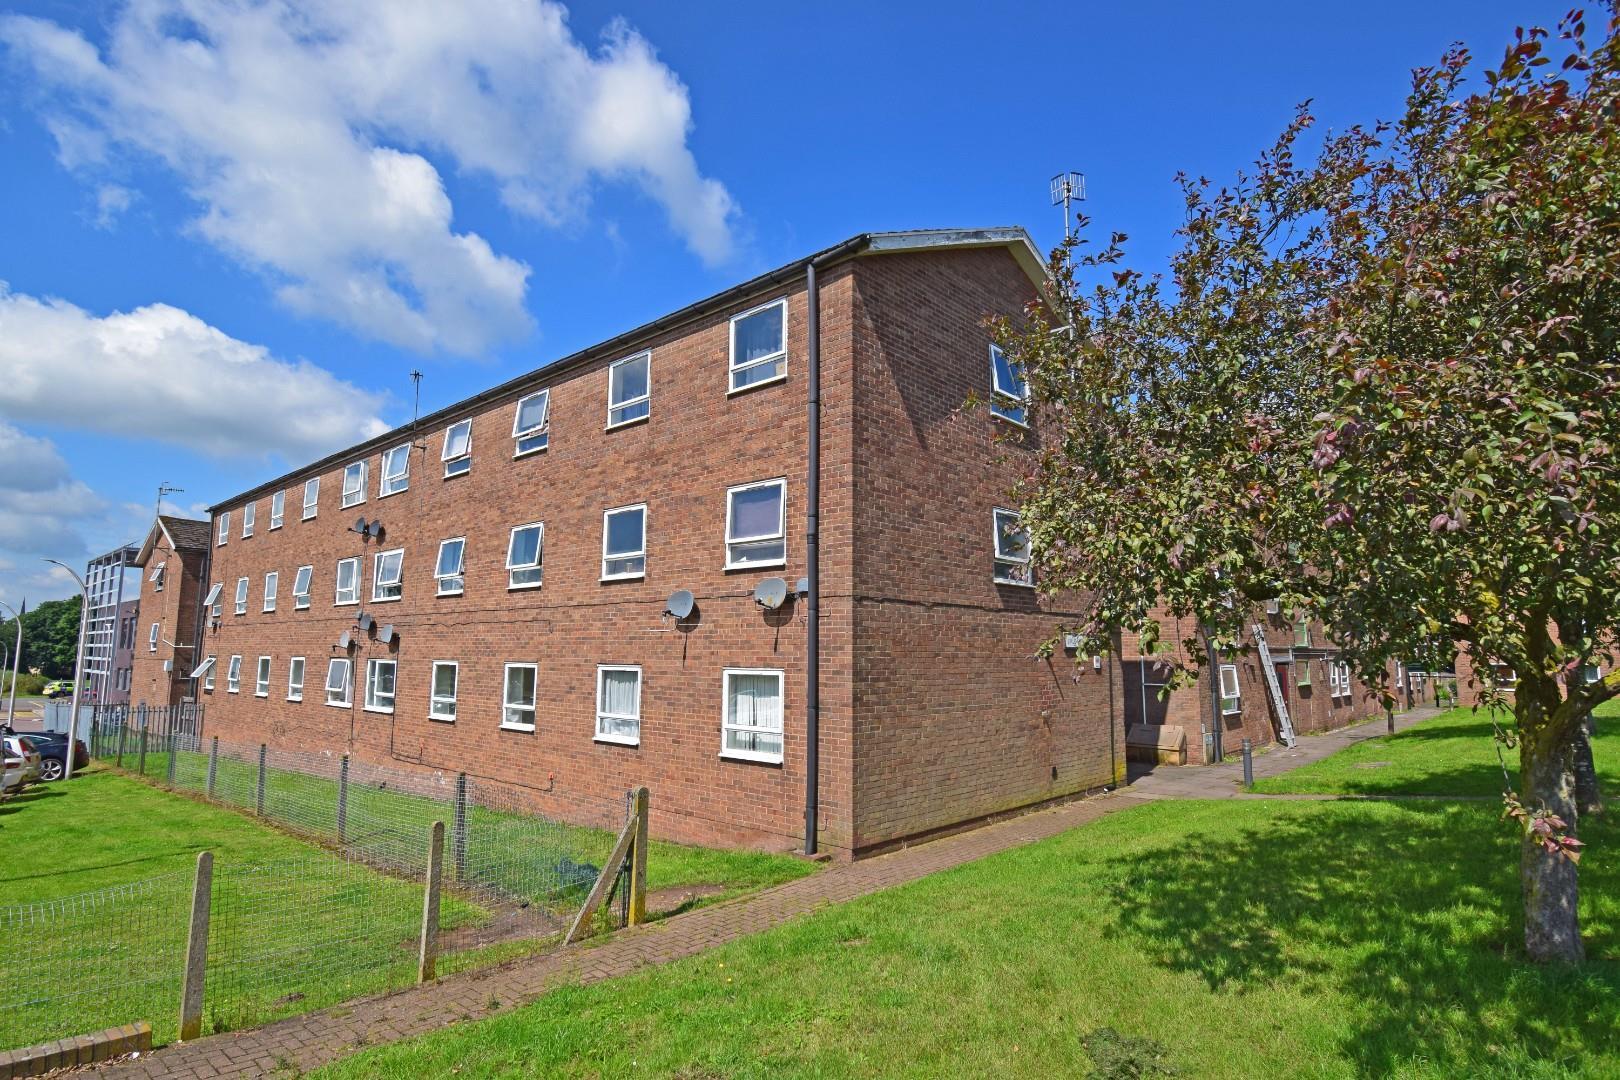 2 Birlingham House, Burcot Lane, Bromsgrove, B60 1AH